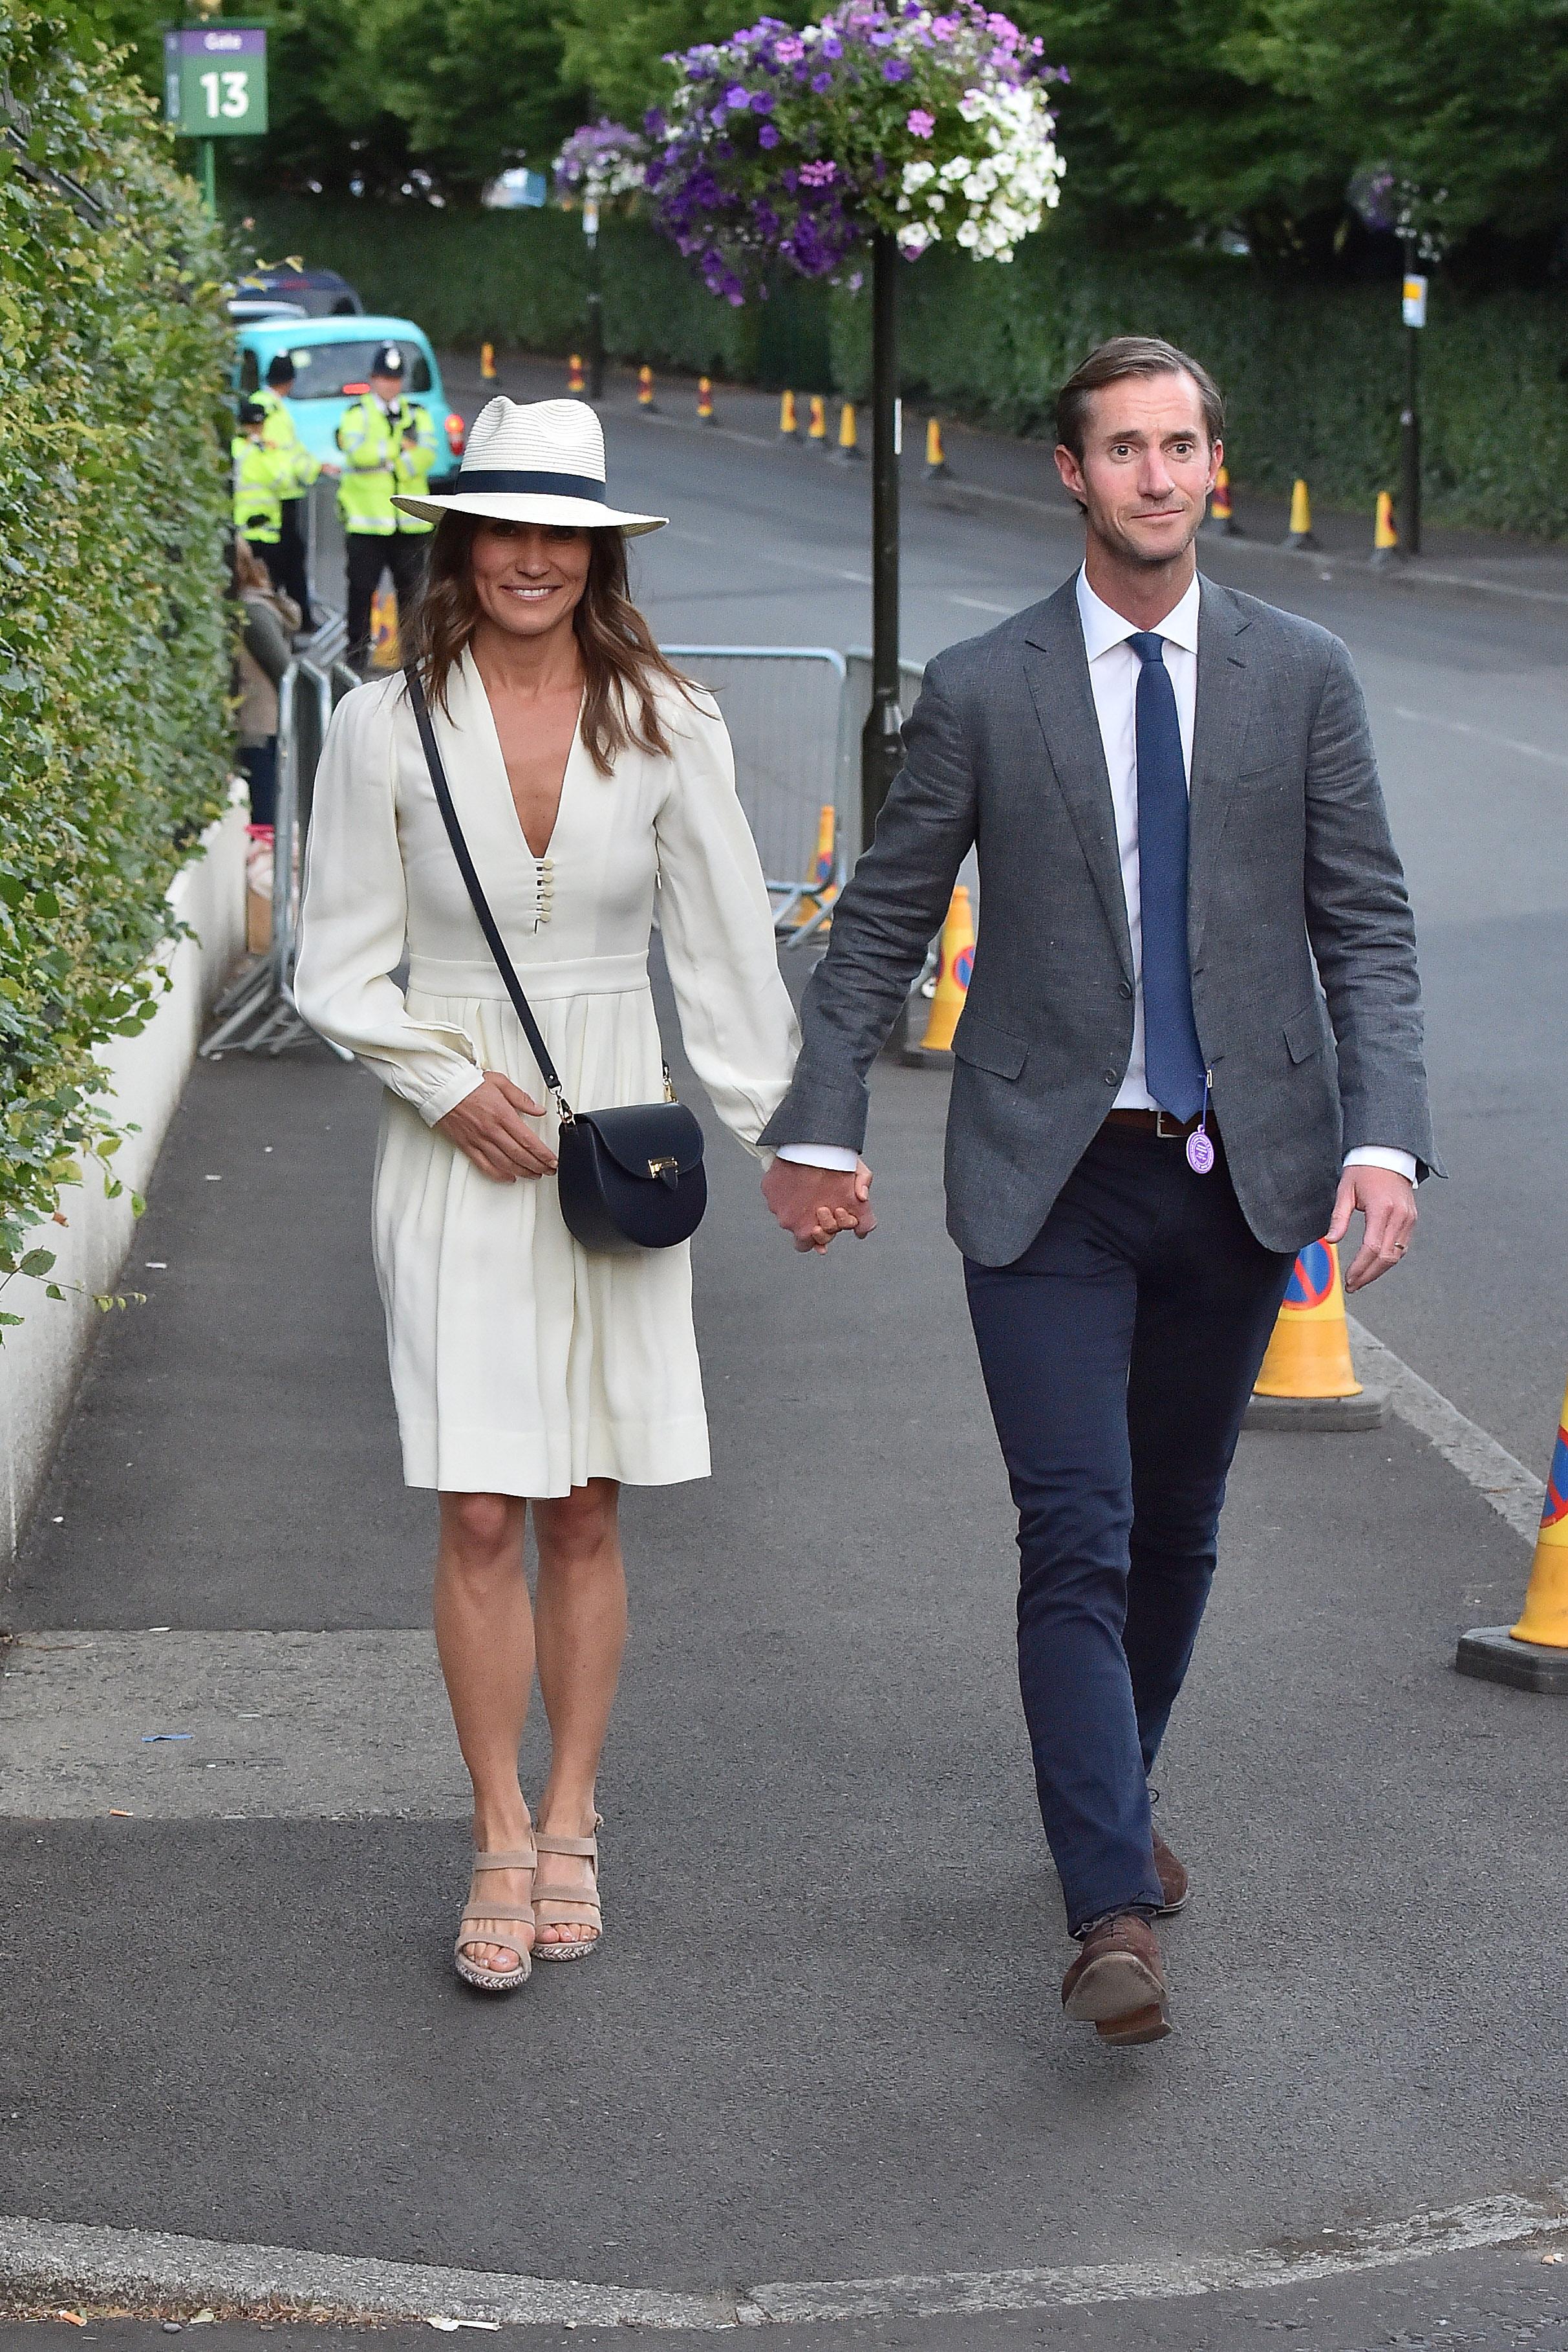 Pippa Middleton Resurfaces With James Matthews At